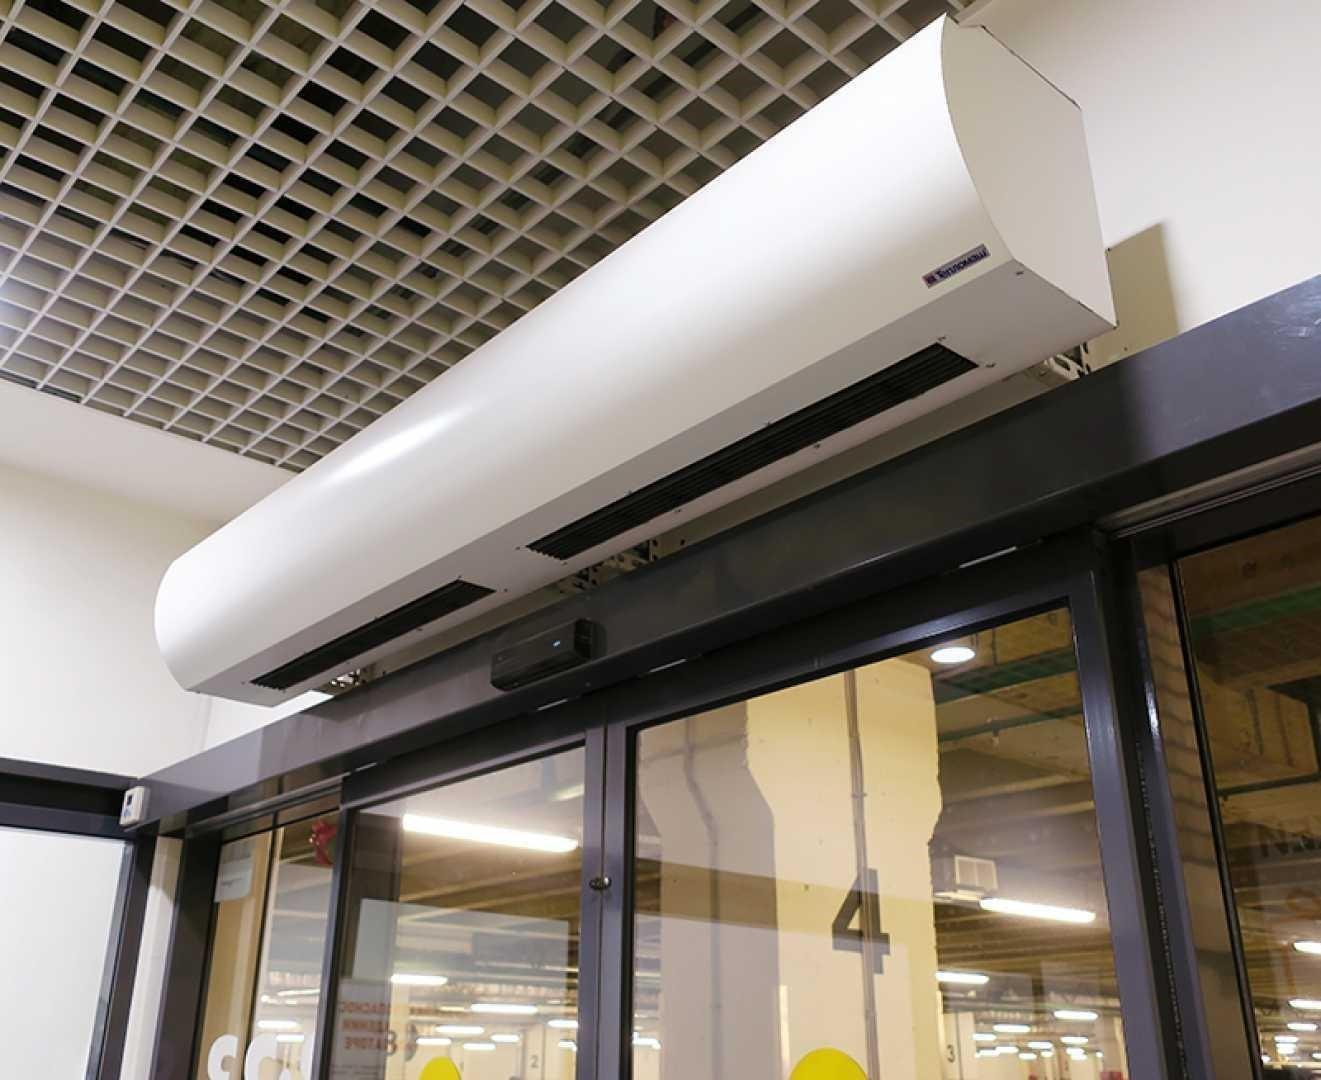 Тепловая завеса КЭВ-12П4050E - 12 кВт, (длина 1,5 м) для проемов высотой от 3-5 м.